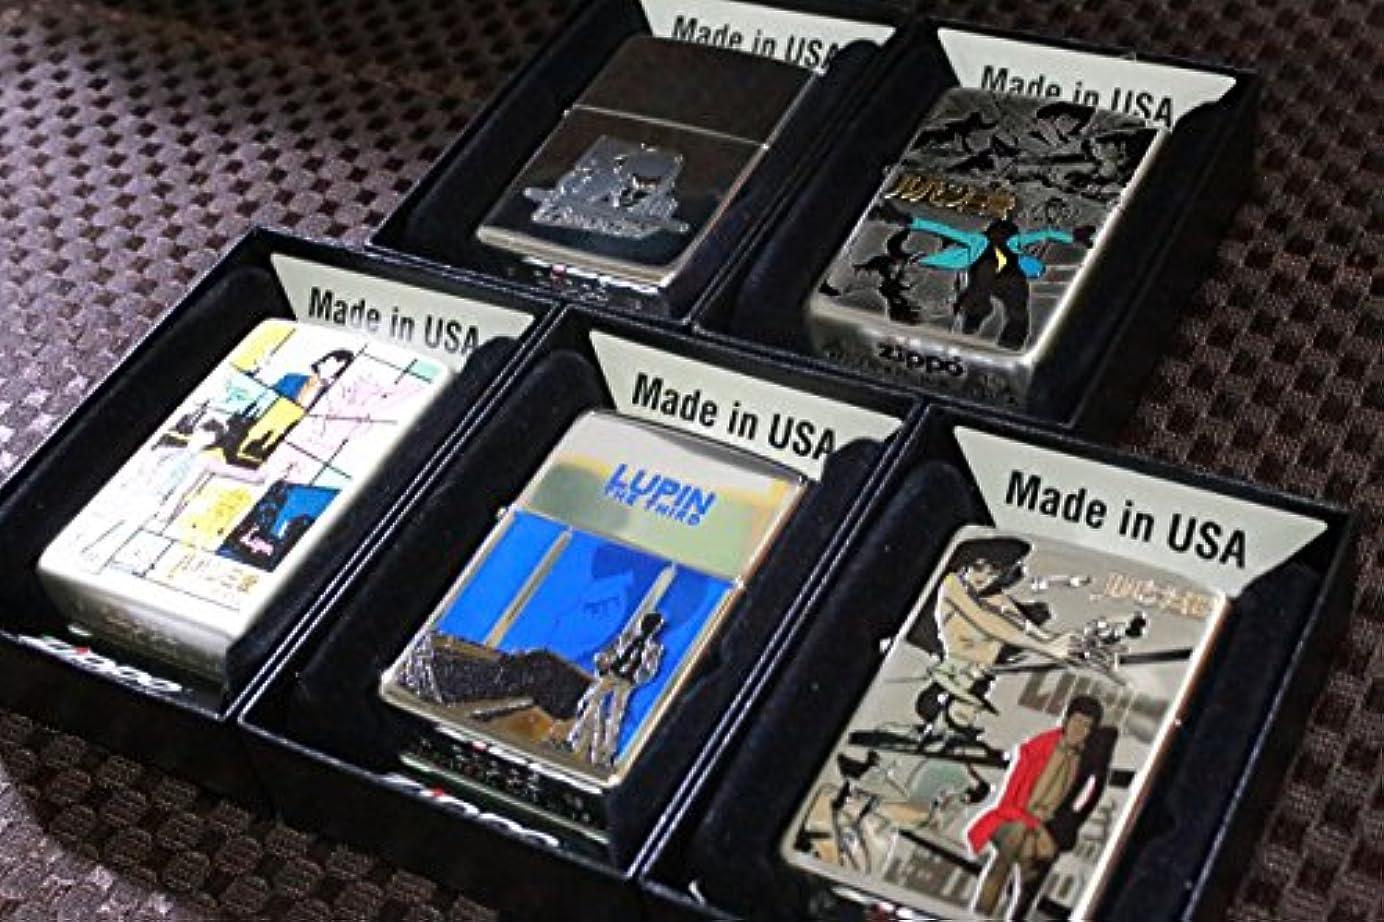 強度かわいらしいかわいらしい【50周年限定ZIPPO】 ルパン三世50周年記念ジッポライター 5種類フルセット コンプリートモデル